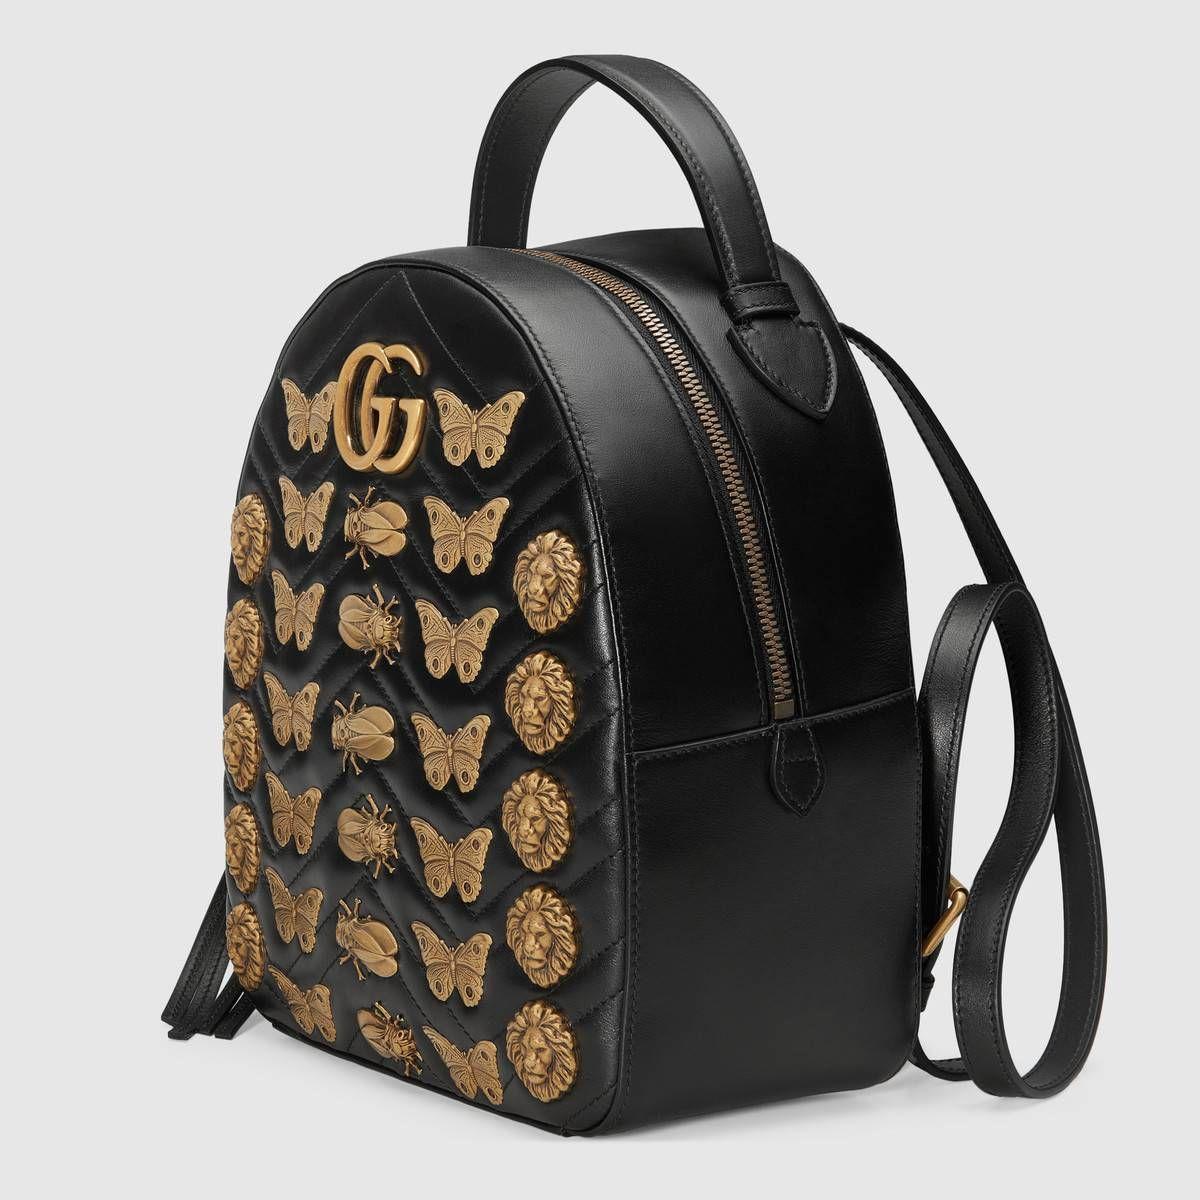 3257b1d1a Gucci Mochila GG Marmont de Piel con Tachuelas de Animales Detail 2 ...